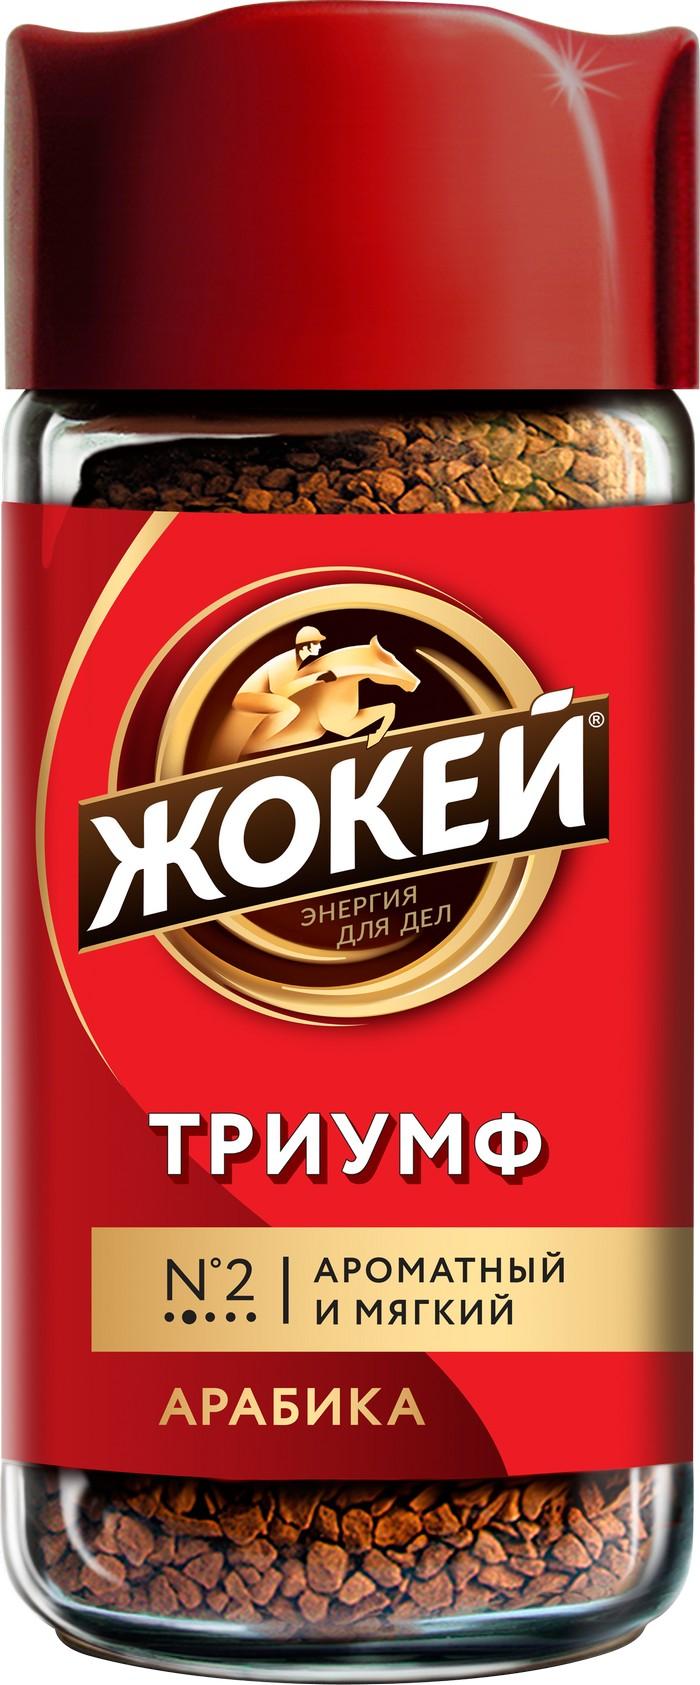 Кофе триумф Жокей сублимированный 95 г